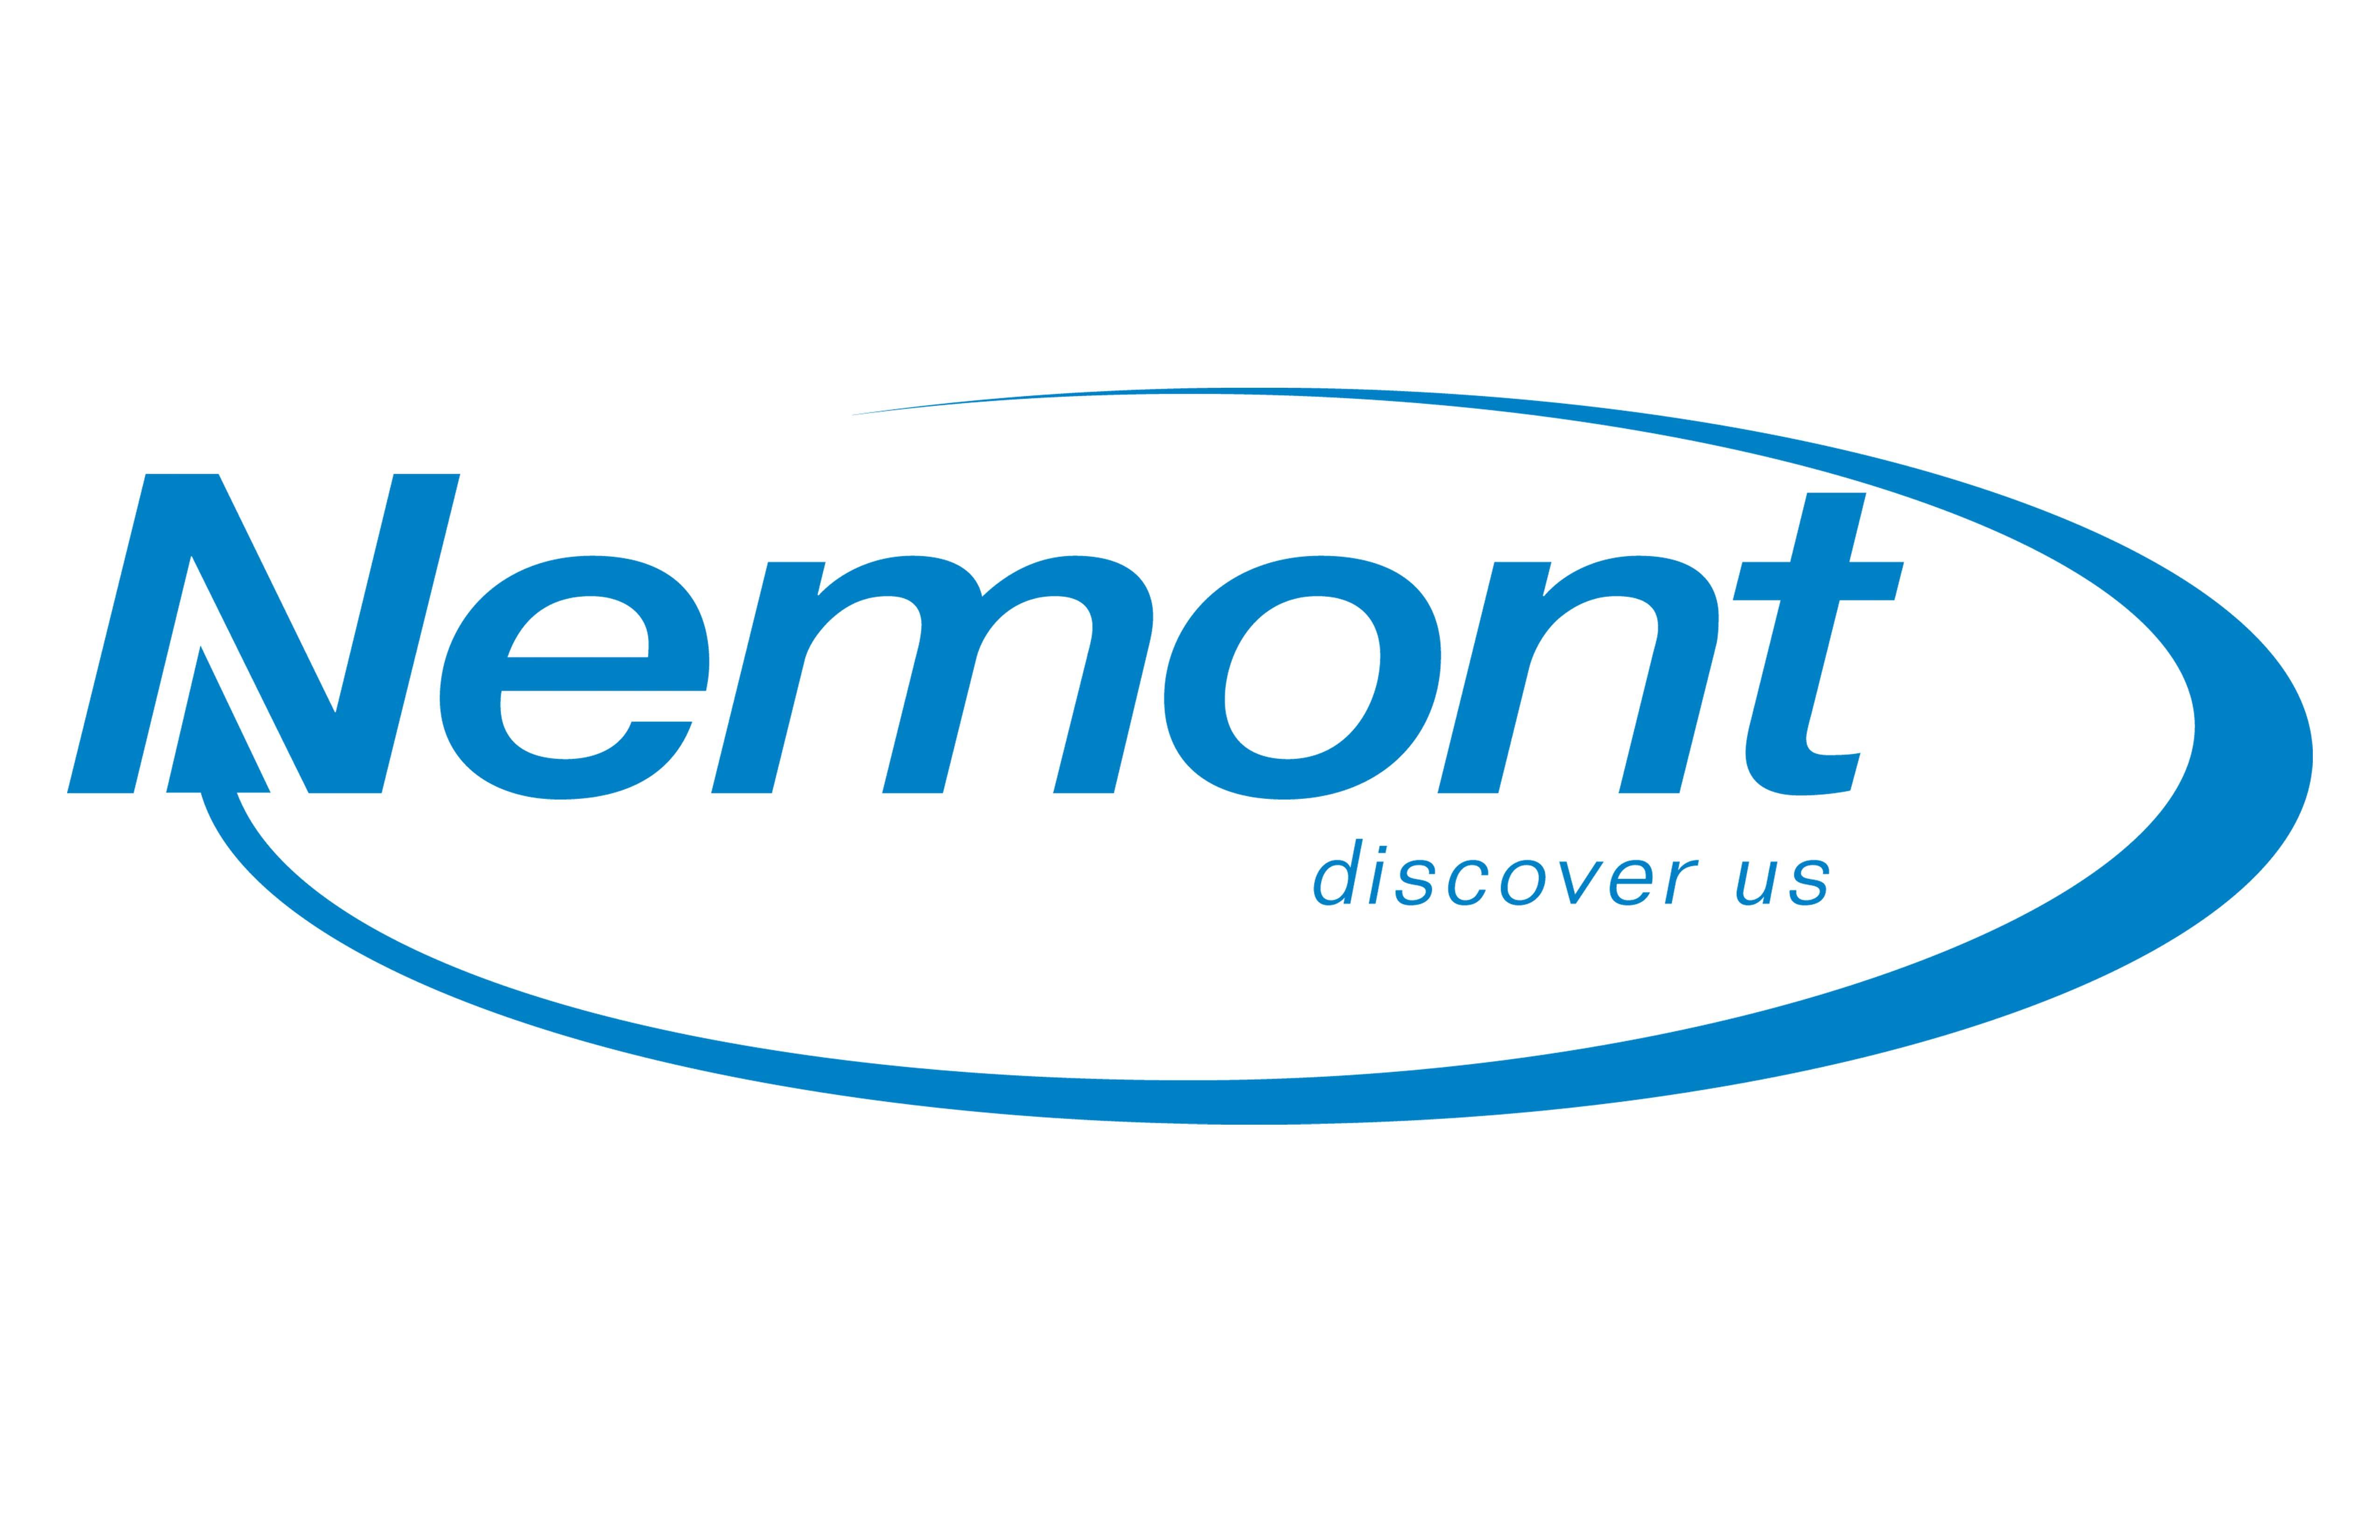 Nemont